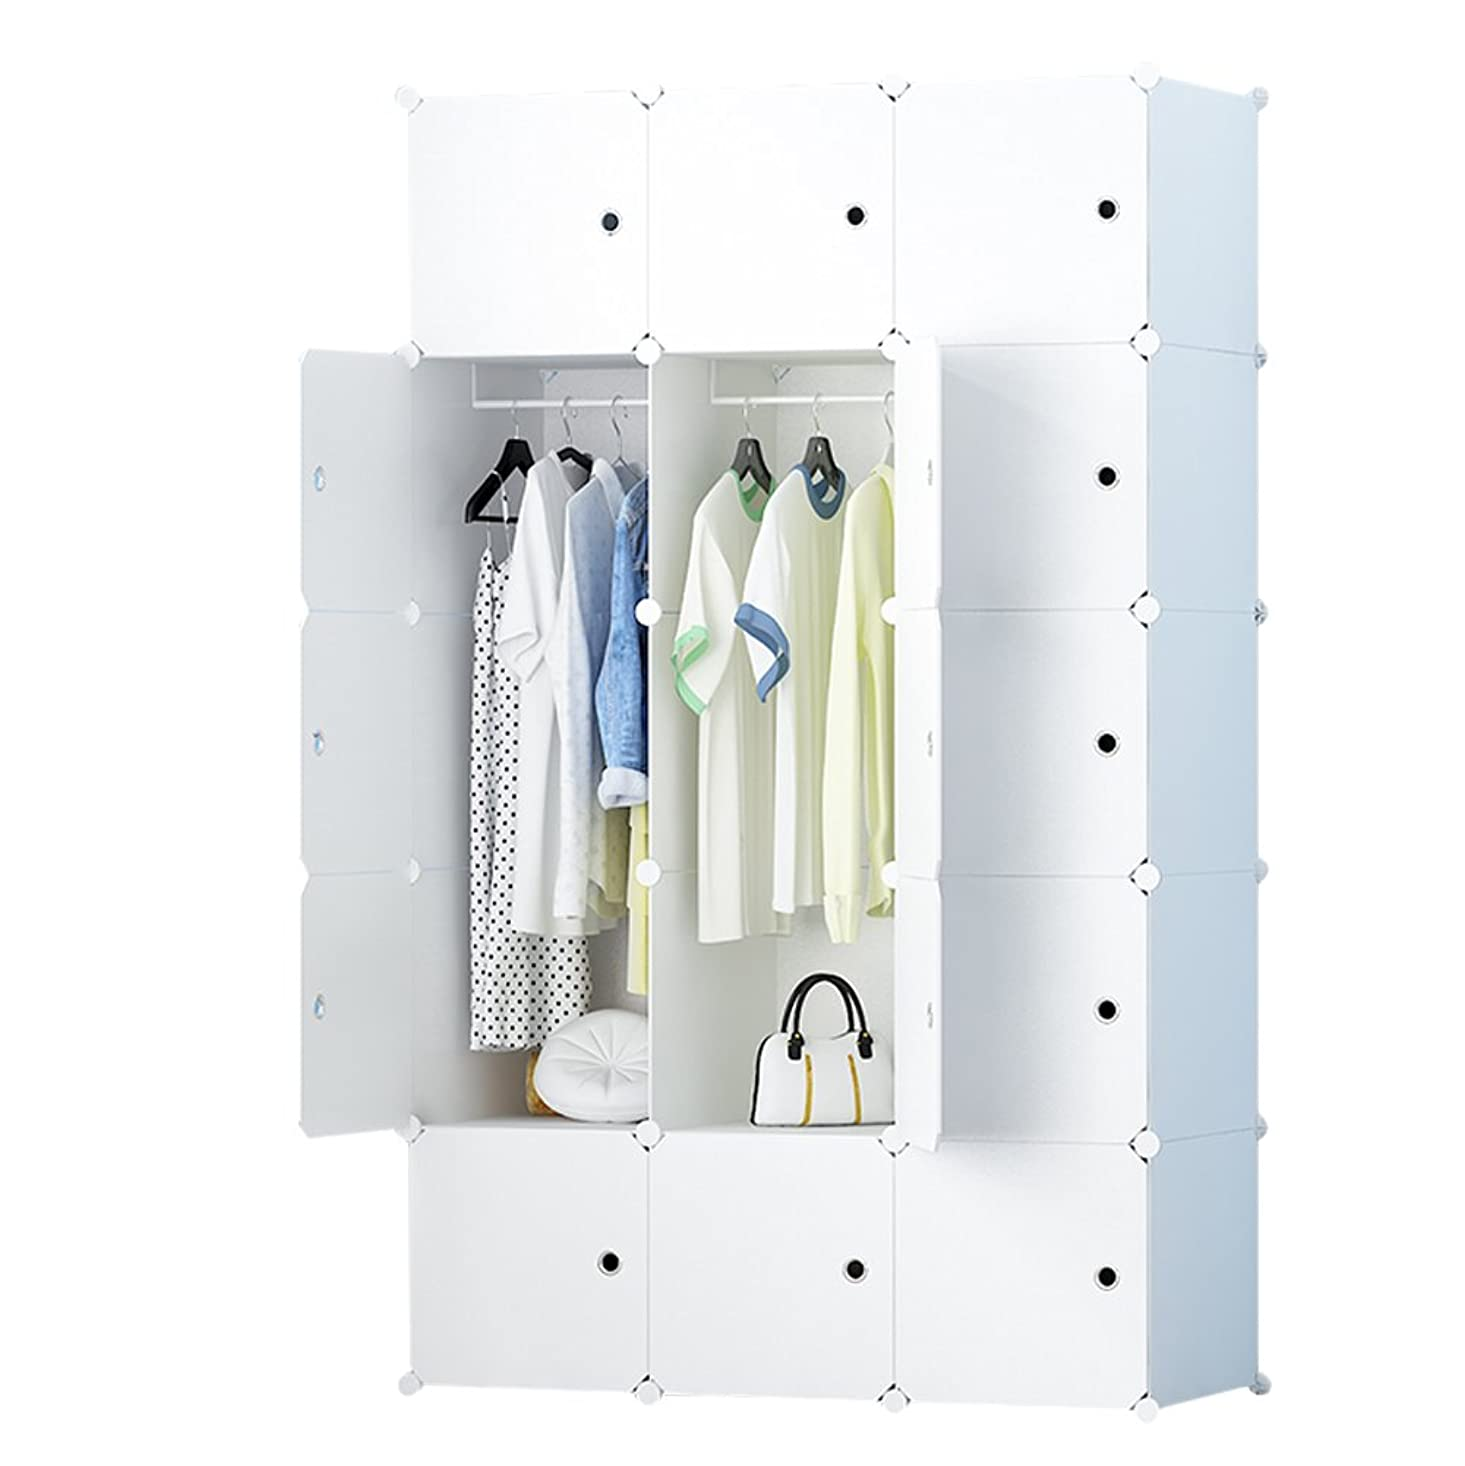 ブランド名ハント冊子LifeDIY 収納ボックス 扉付き 収納棚 衣類収納ラック 組み立て式 ダンス おしゃれ 110x181x45cm 大容量 純白 アニメシール付き 15